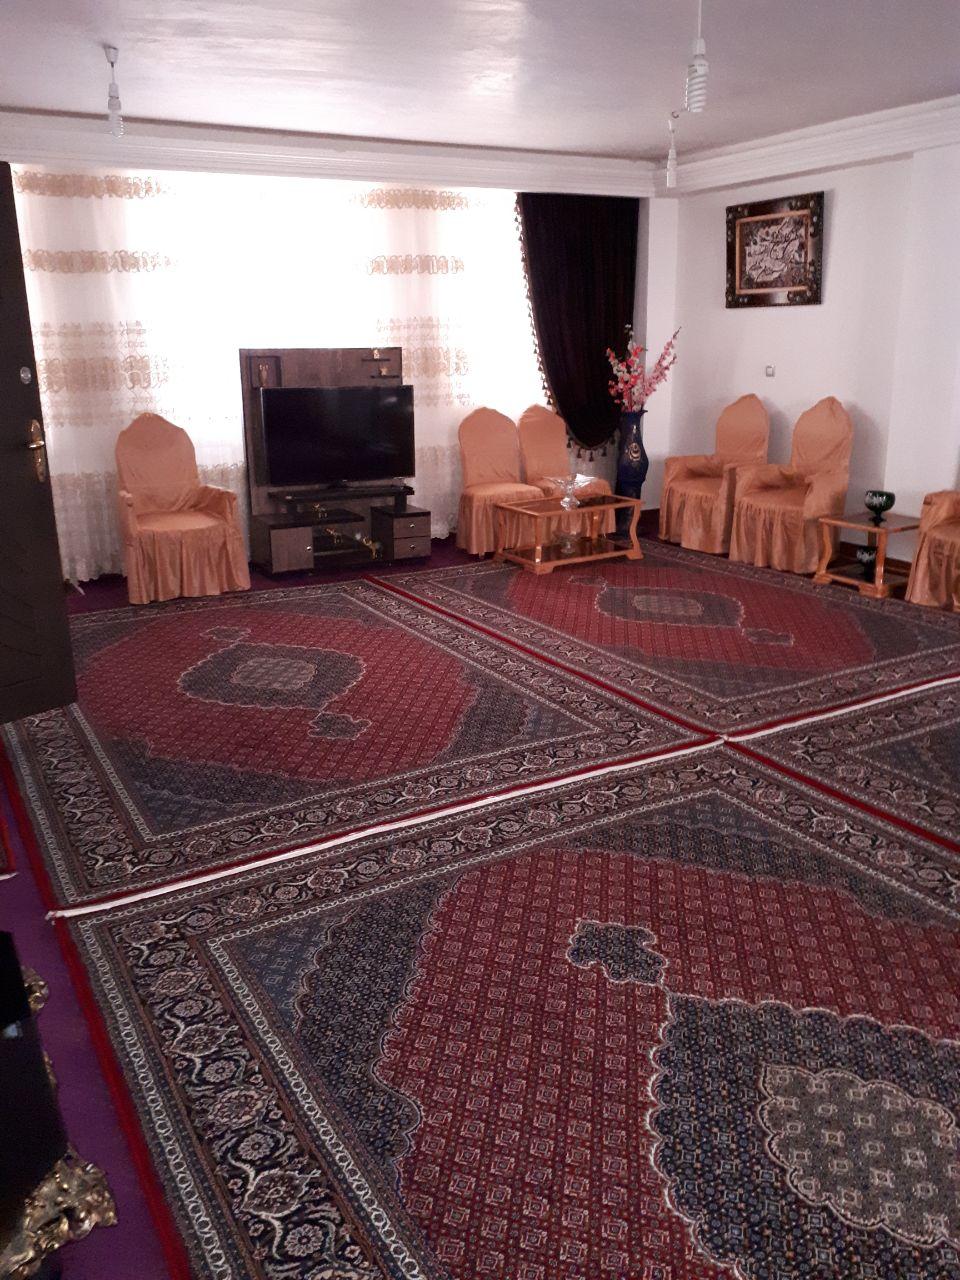 اجاره روزانه منزل مبله در اردبیل با منظره شورابیل